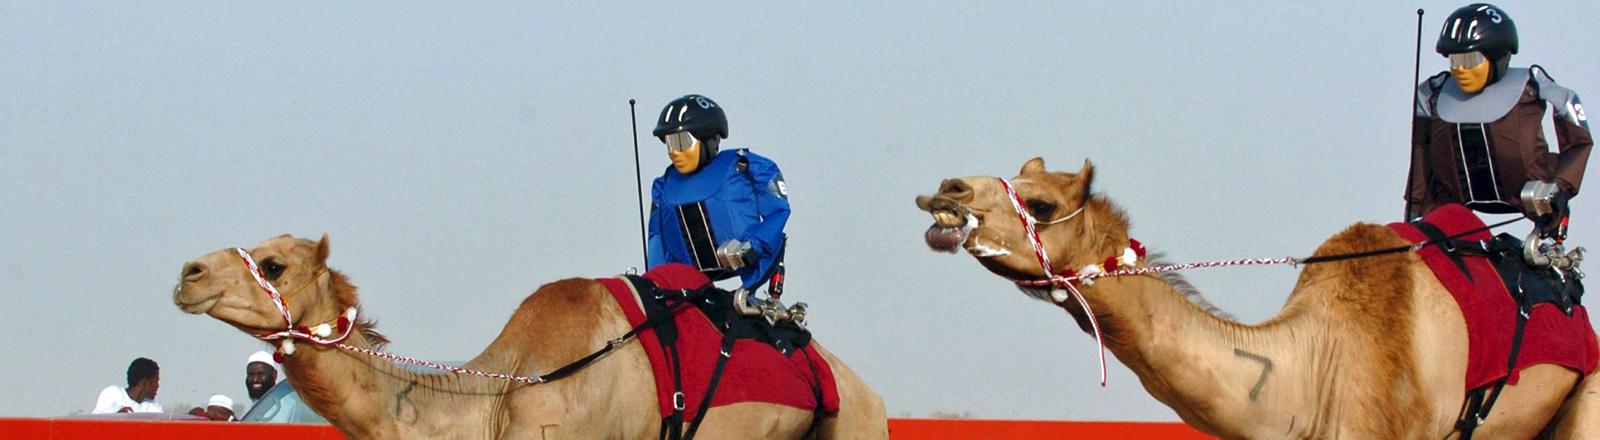 Roboter-Jockeys liefern sich auf Kamelen ein Wettrennen in Katar.